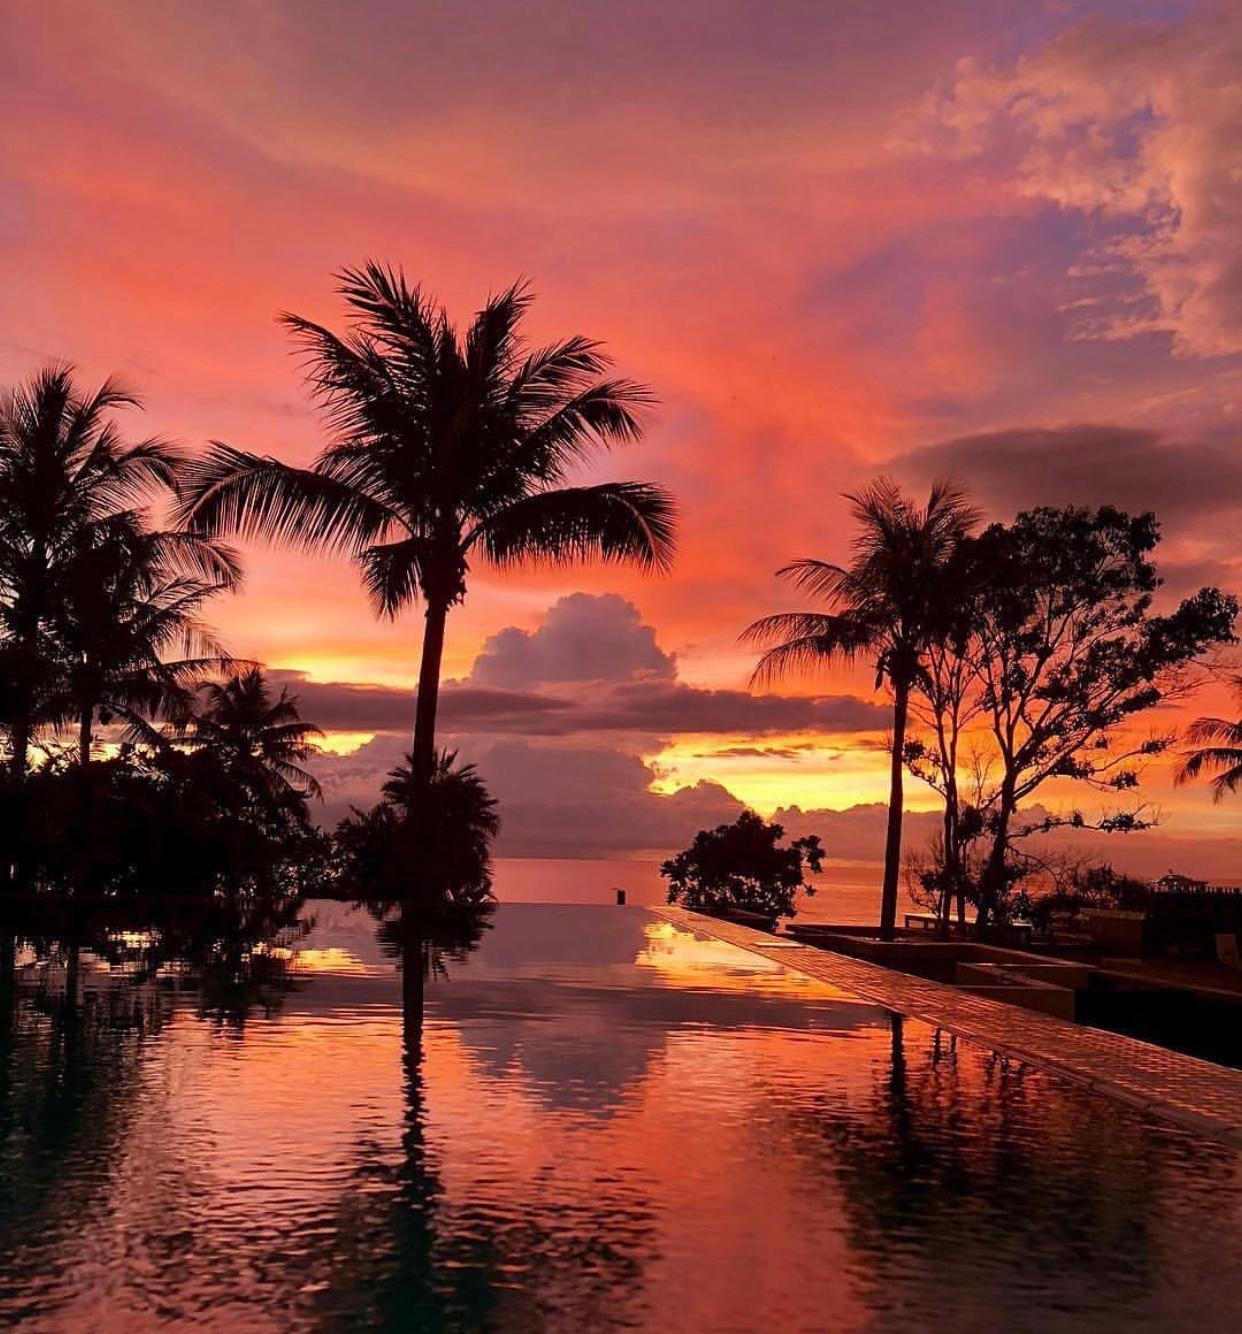 Pattaya Delmare Condo Bangsaray